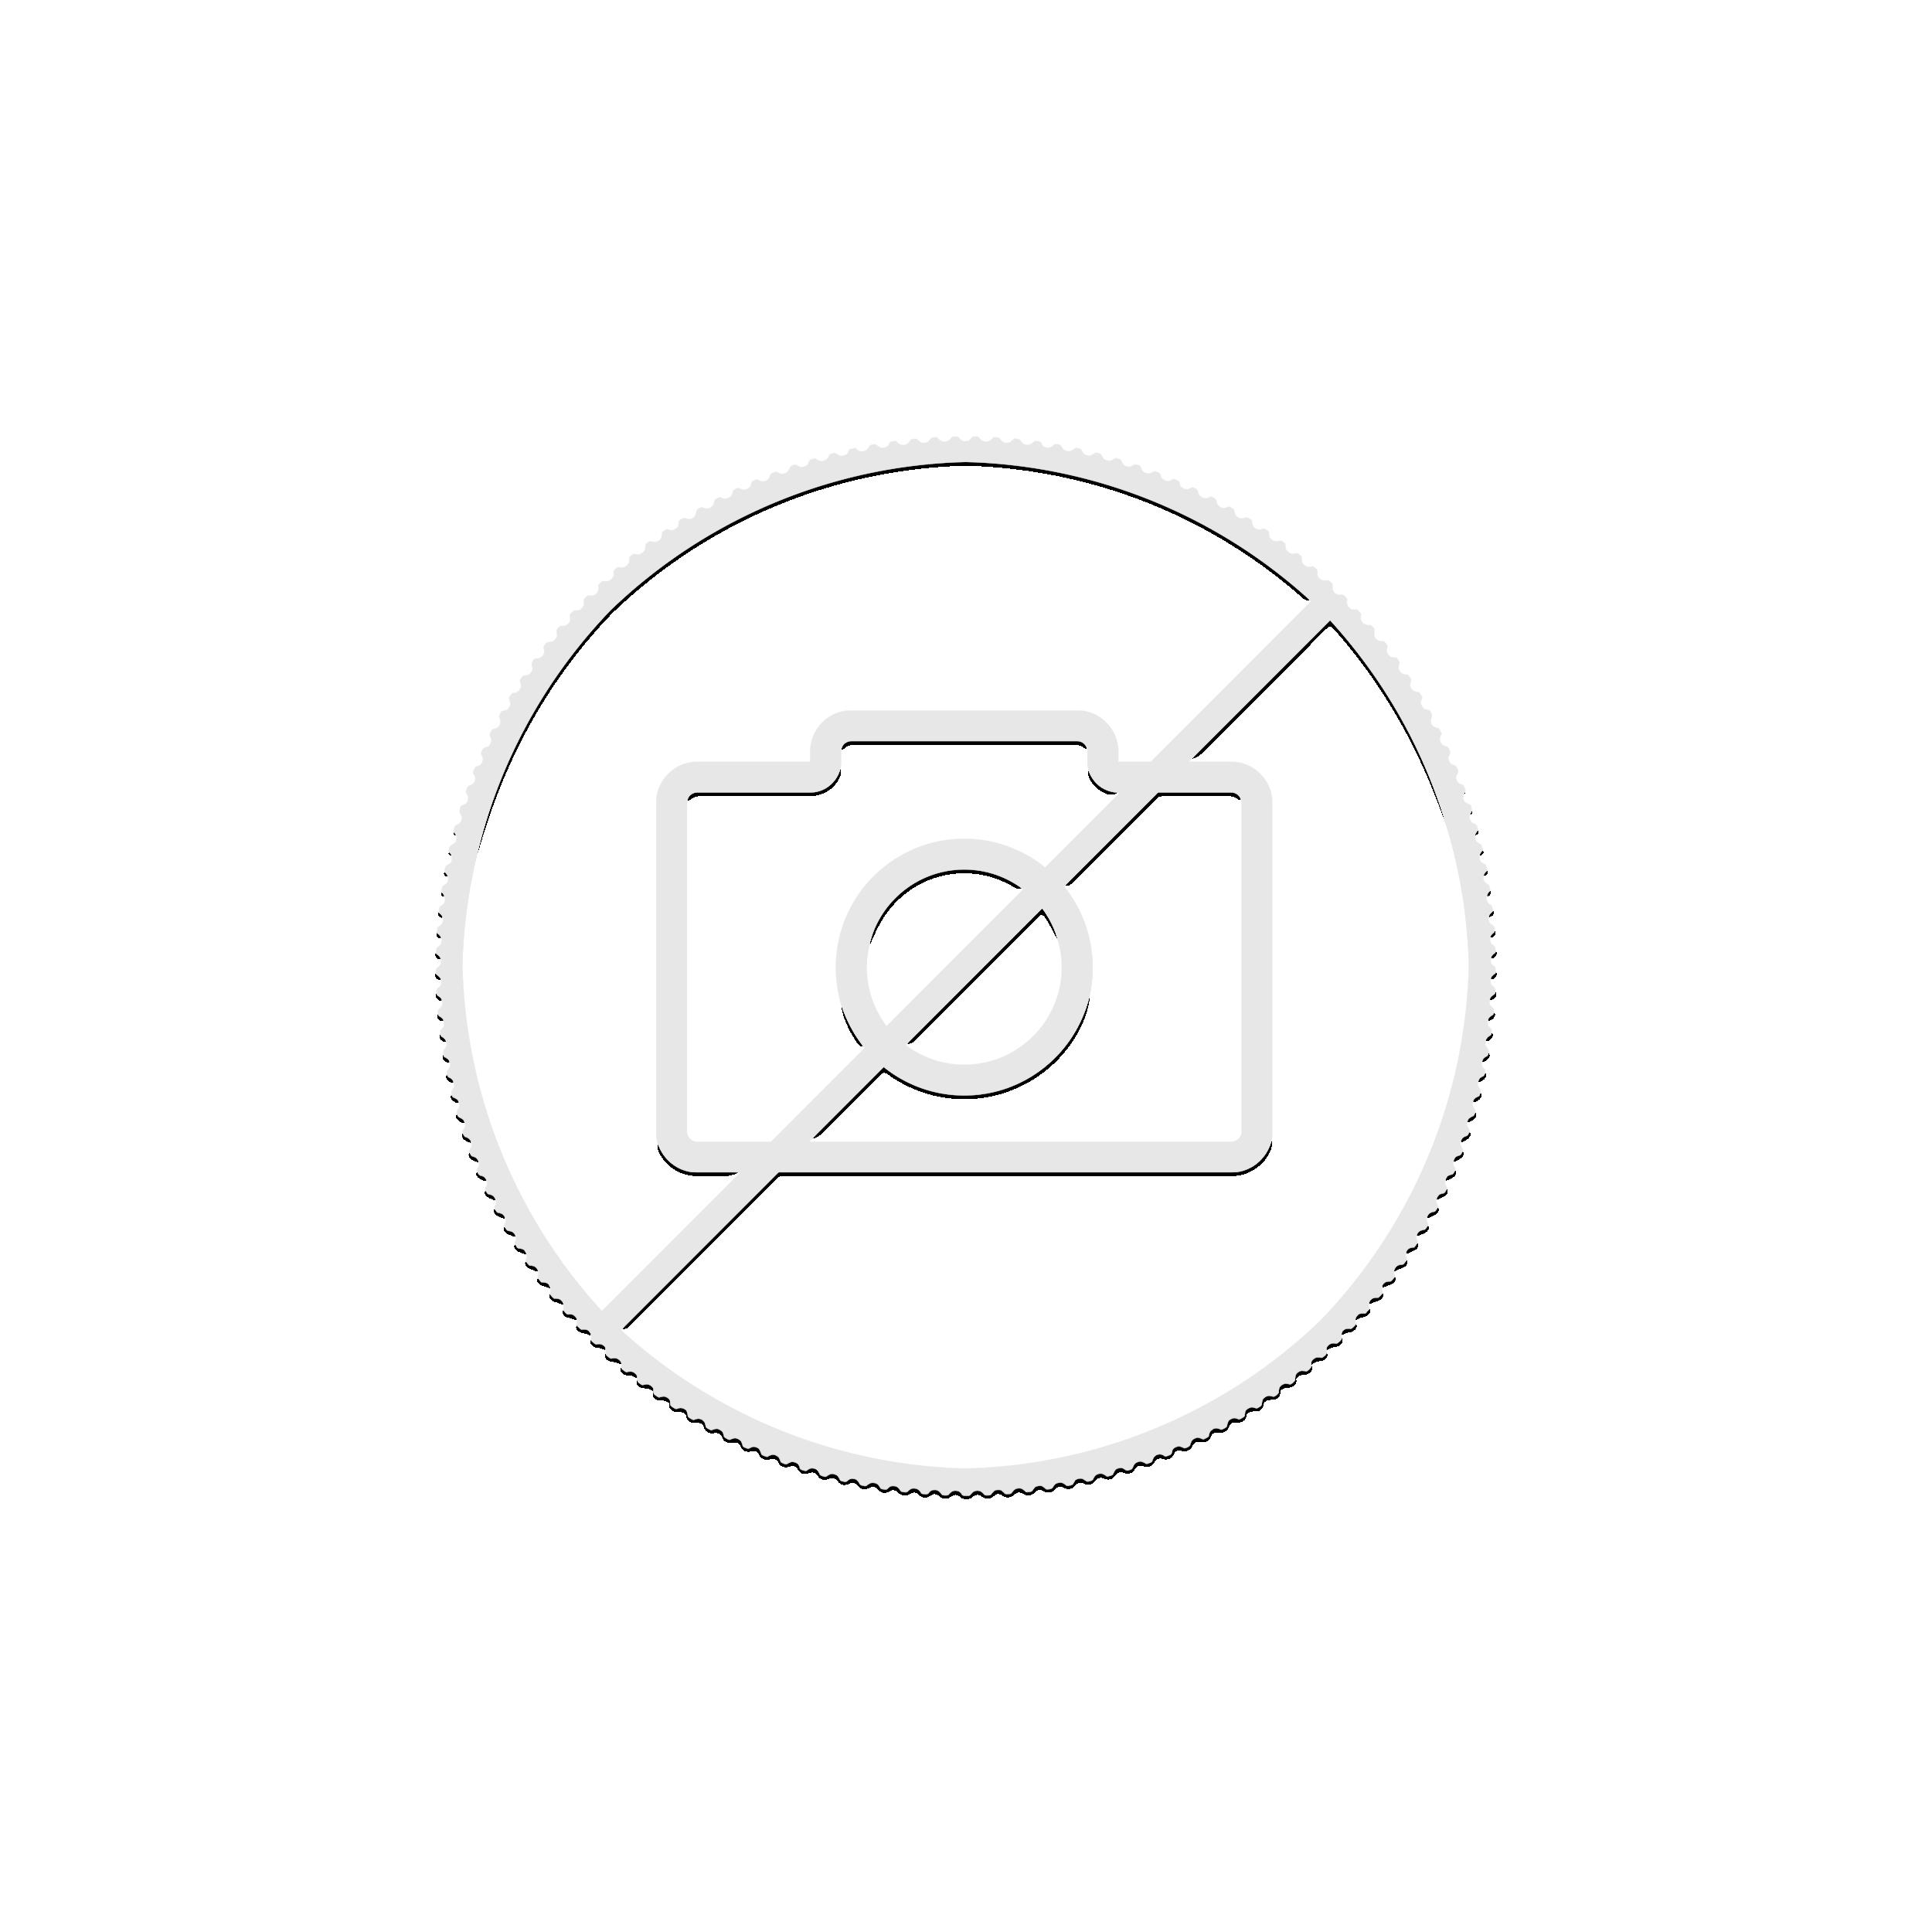 Goudbaar van UBS - 250 gram puur goud